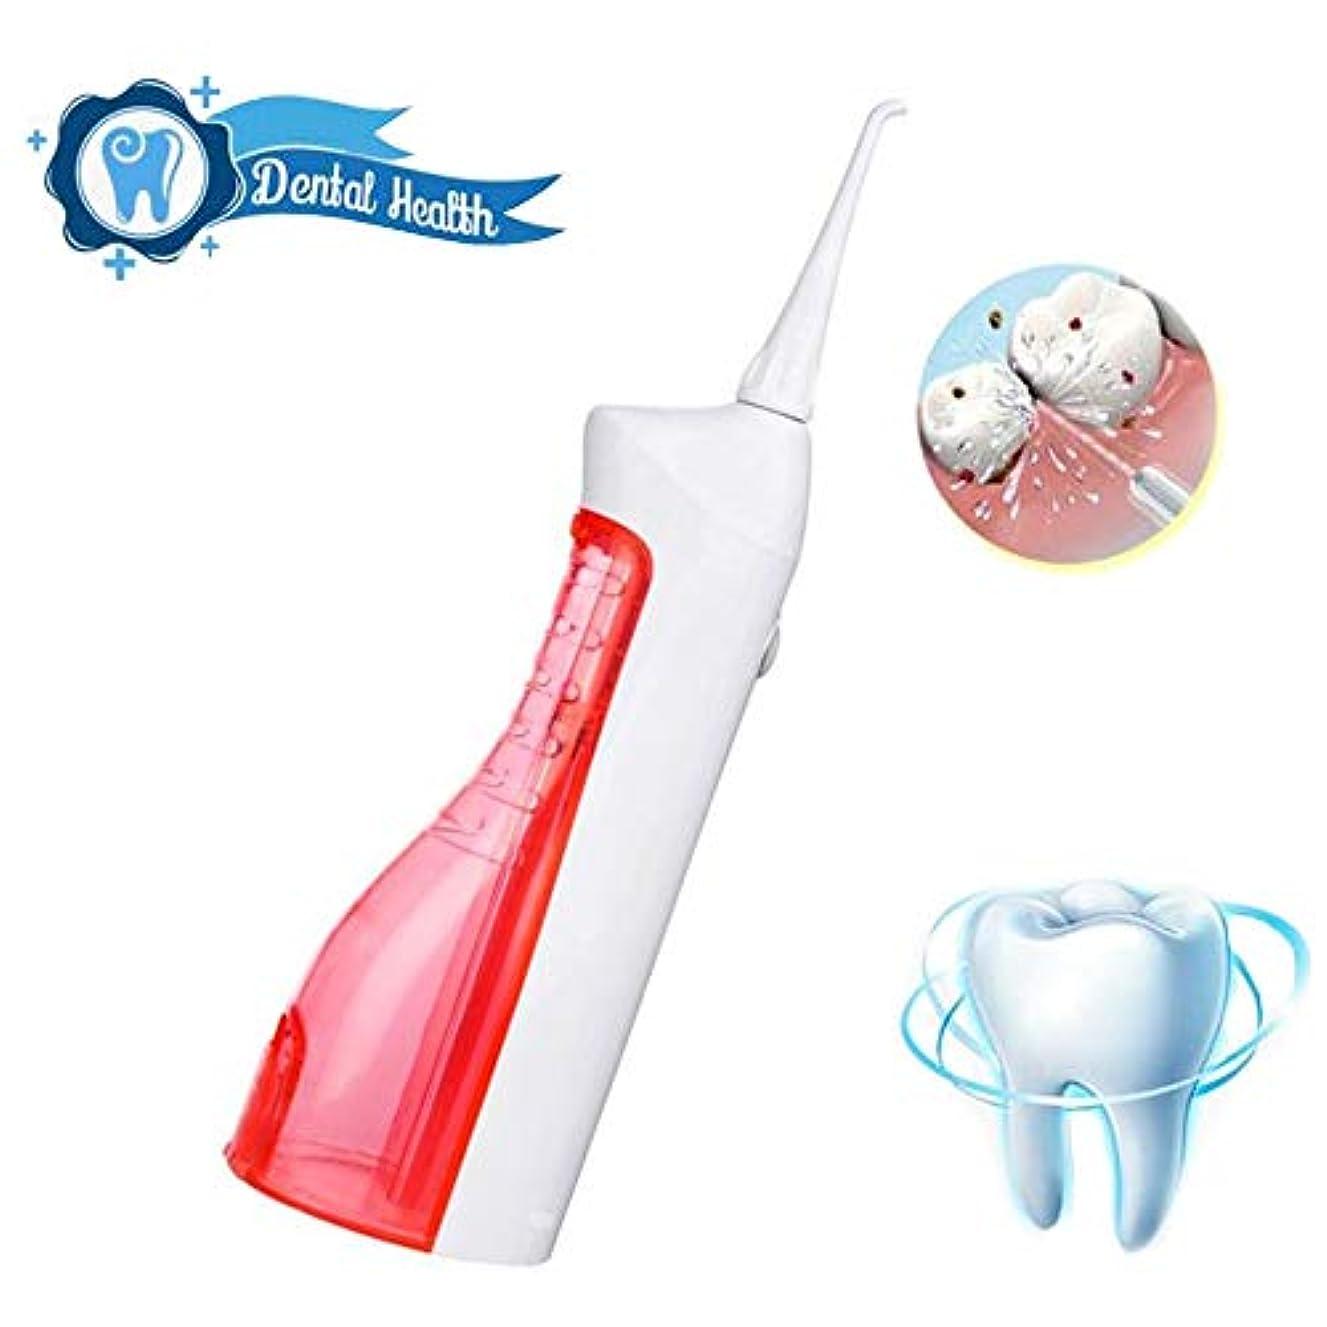 ビリーおそらく不振歯のためのウォーターフロッサー、ポータブルプロフェッショナルコードレス歯科口腔灌漑器(150mlタンク、2本のジェットチップ付き)歯磨き粉用クリーナー、2つのクリーニングモード、USB充電式、IPX7